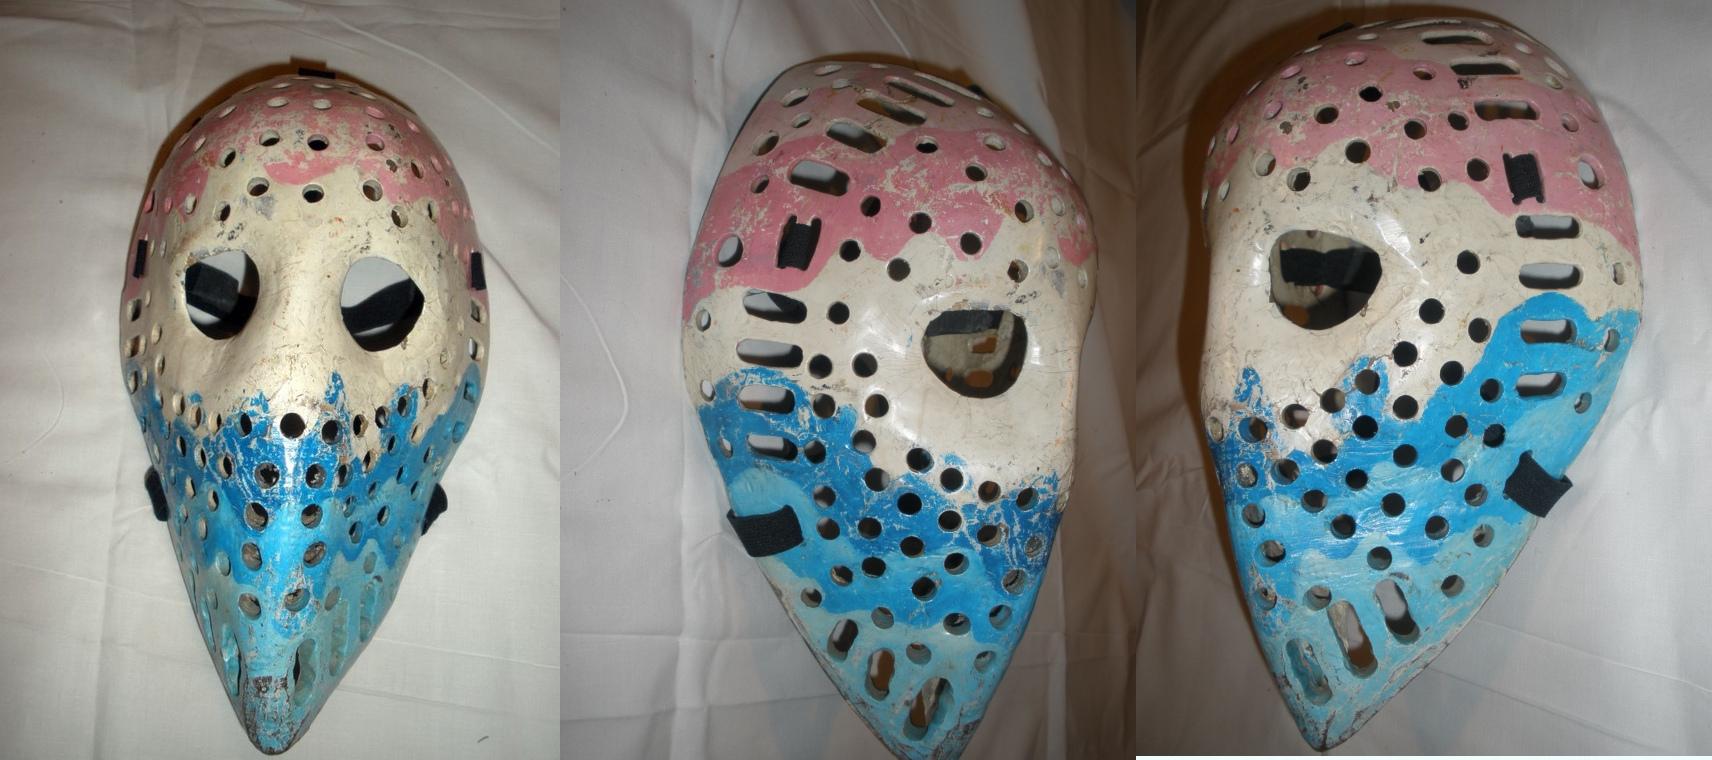 Brankáři  se postupně snažili chránit  si nejen obličejovou část a temeno, ale i zbytek hlavy.